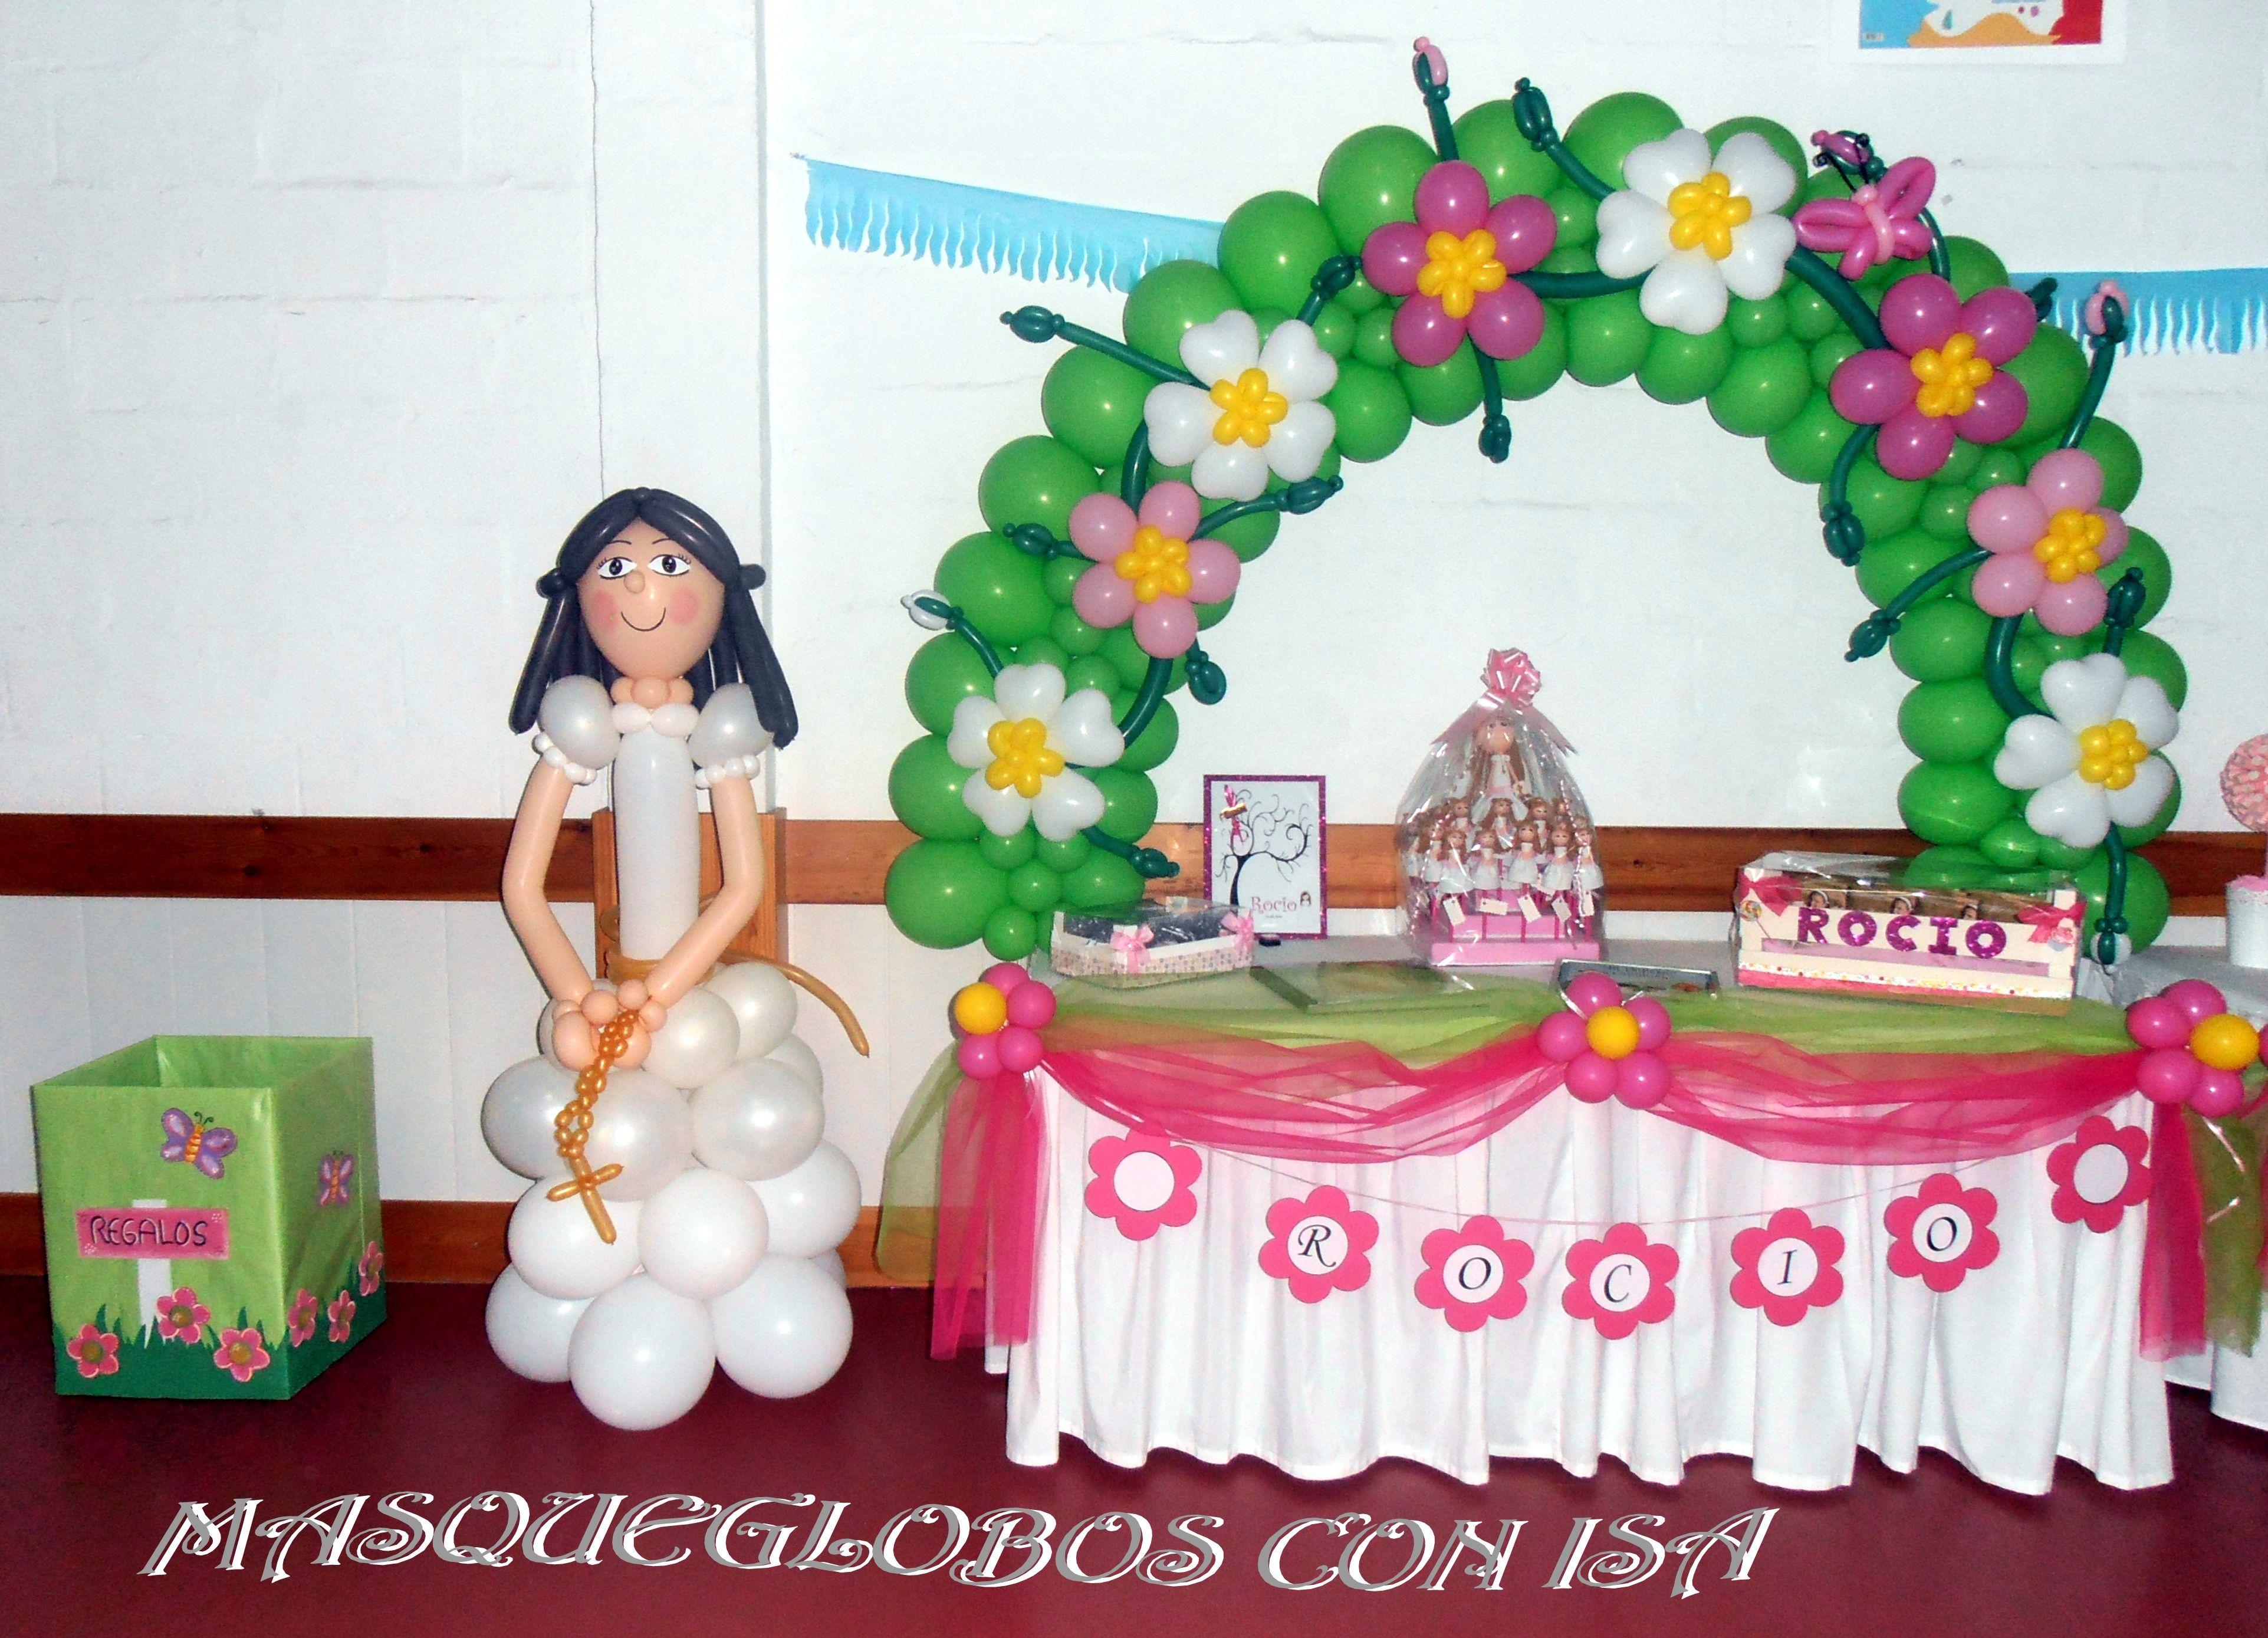 Arco con globos y muñeca de comunión